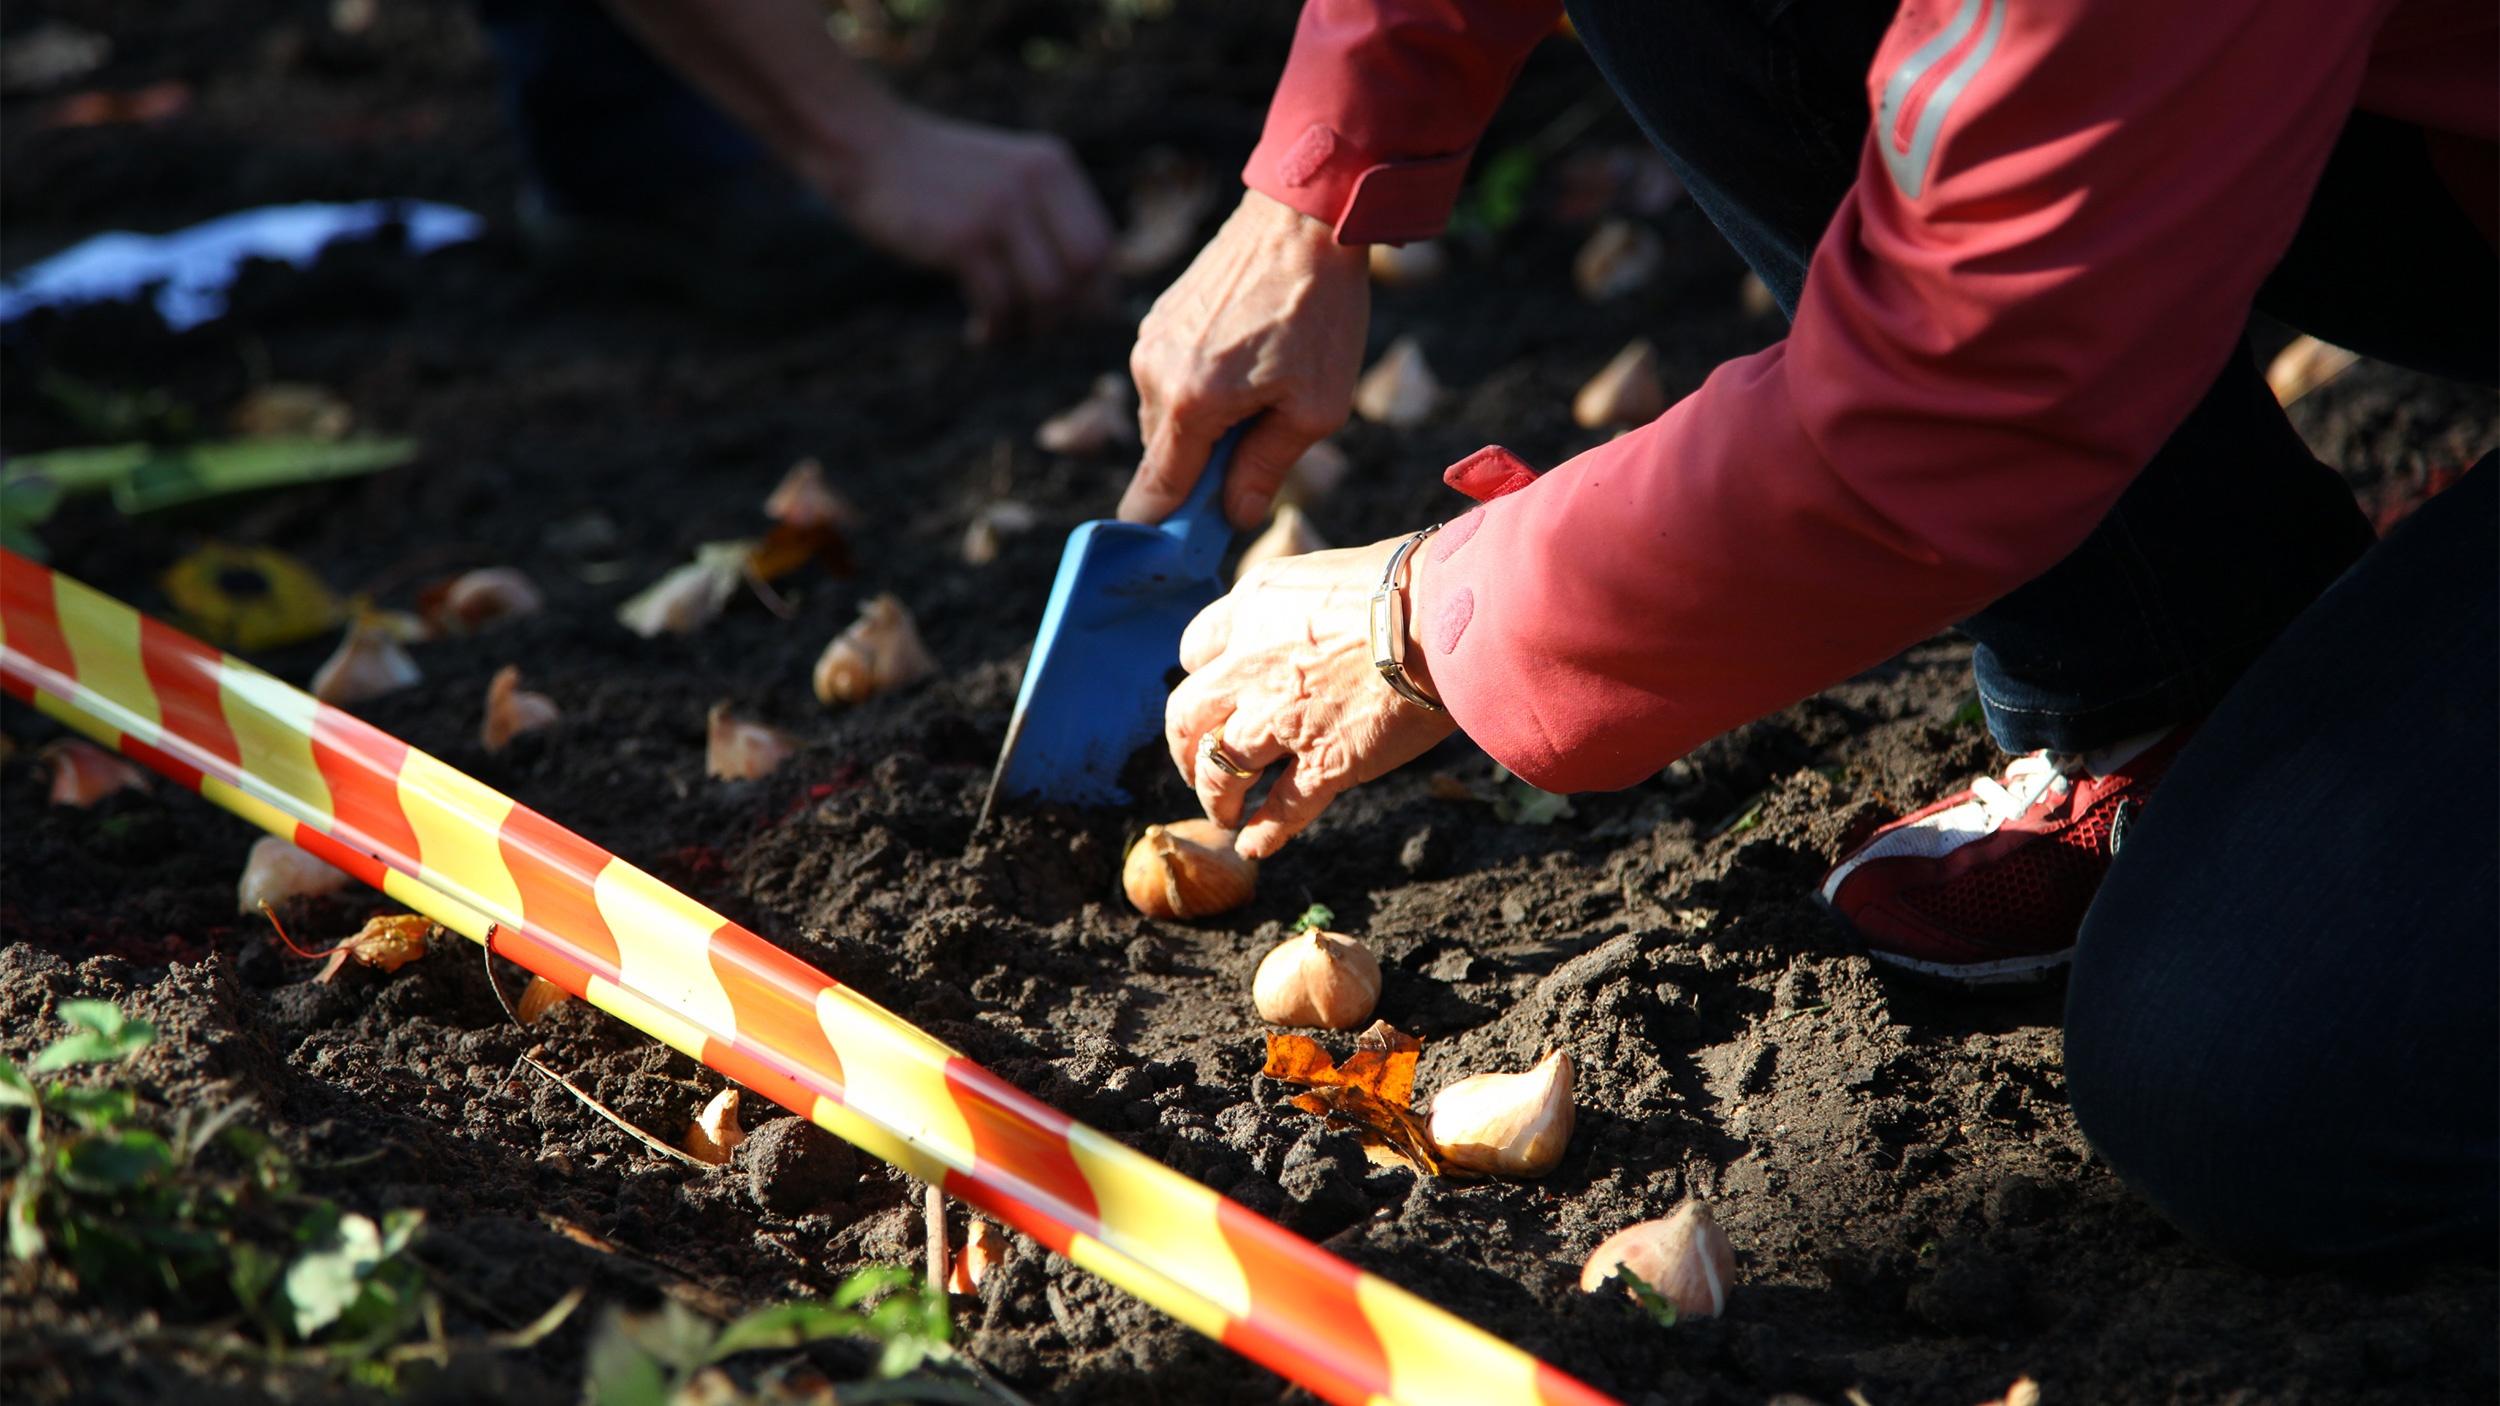 Taideteokseen osallistuminen Kauniaisissa: asukas istuttaa väliaikaisen puiston tulppaaneja